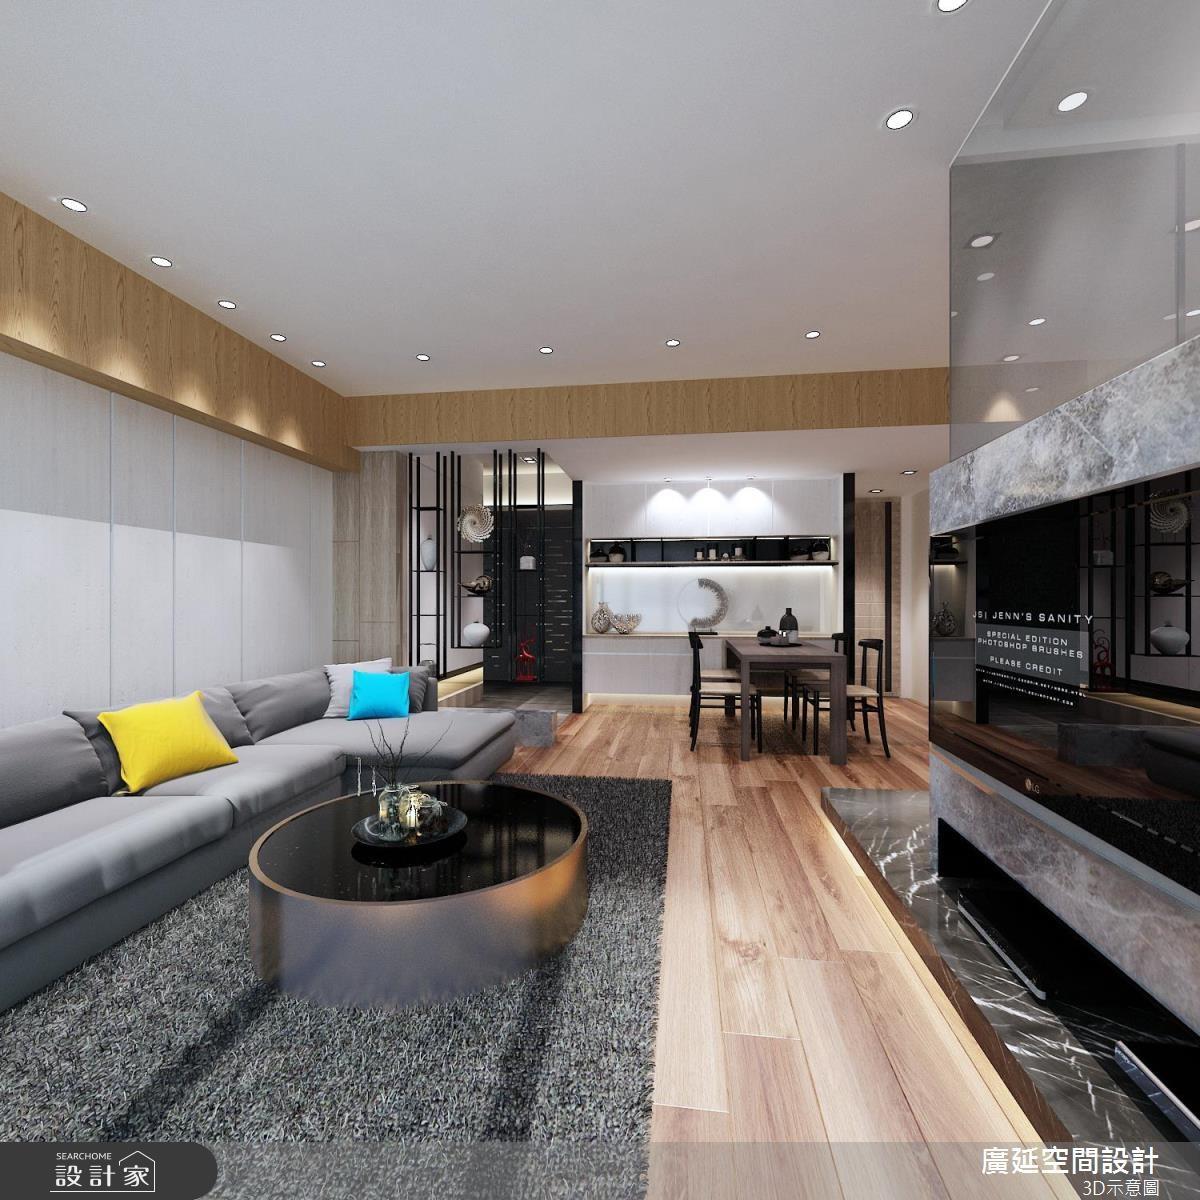 45坪新成屋(5年以下)_新古典案例圖片_廣延空間設計_廣延_08之1